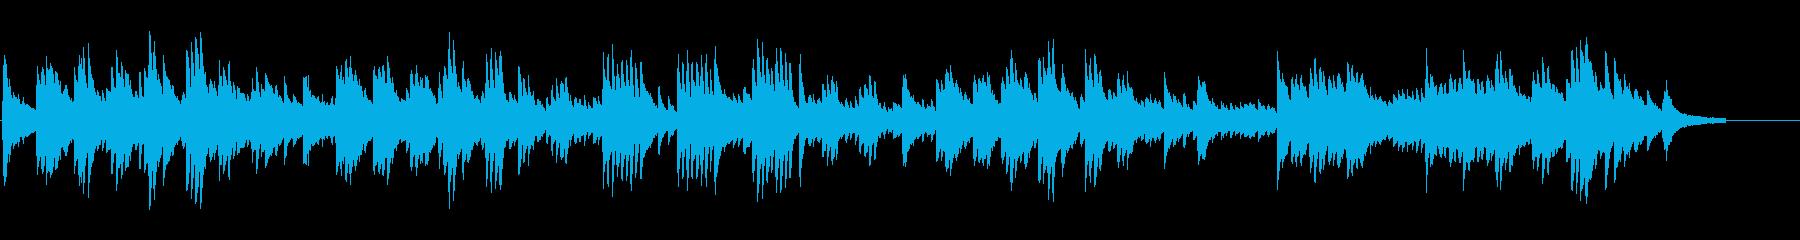 うっとりとするような穏やかなピアノソロの再生済みの波形